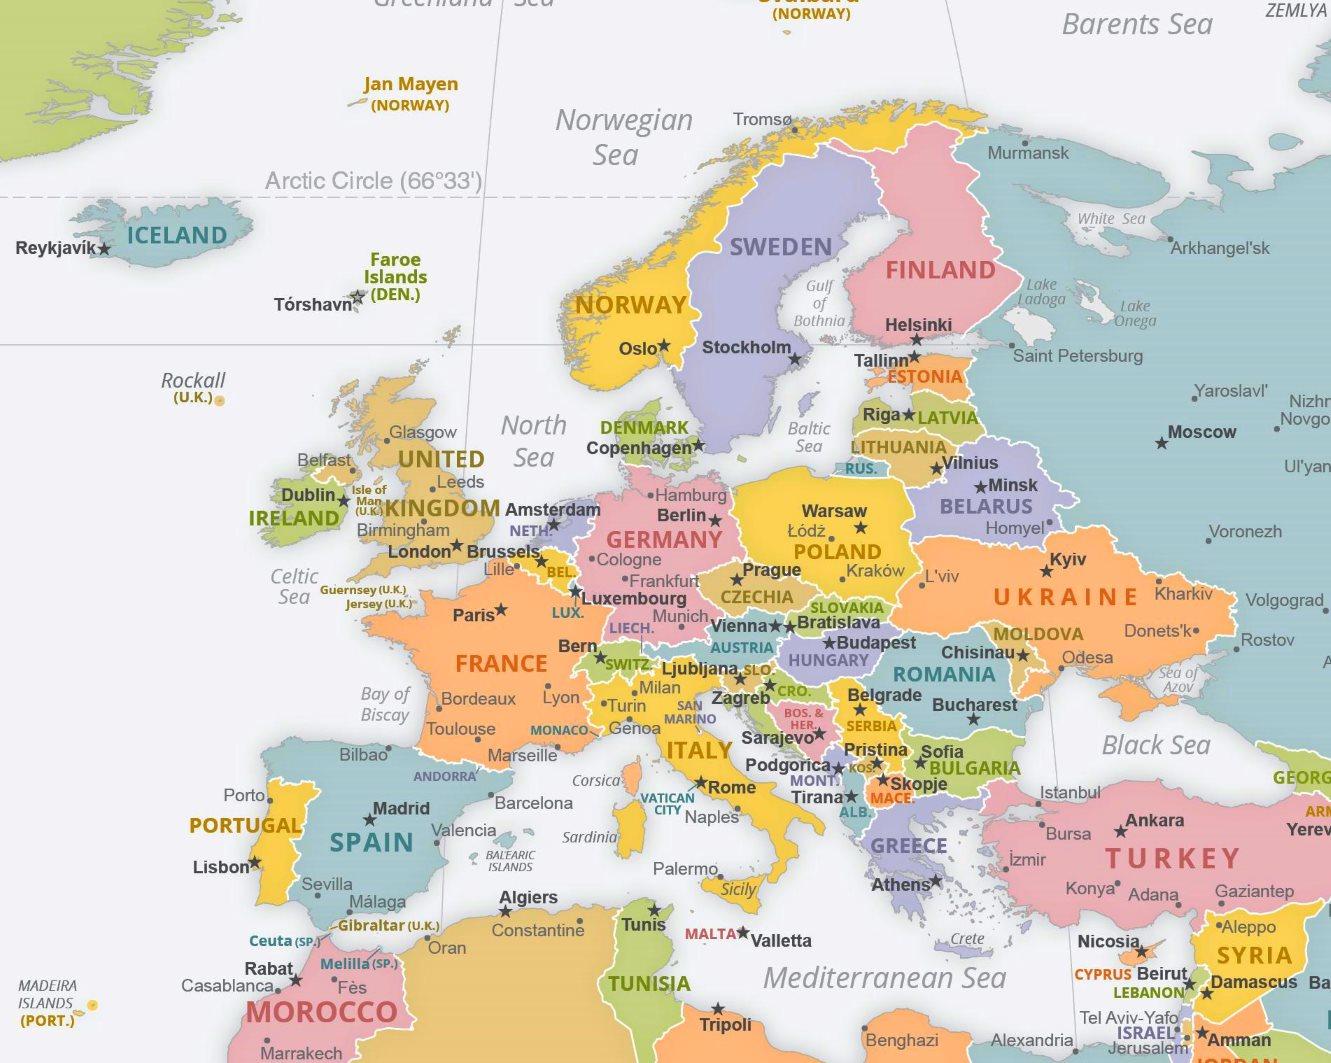 europa politische karte Politische Karte Europas mit den Hauptstädten